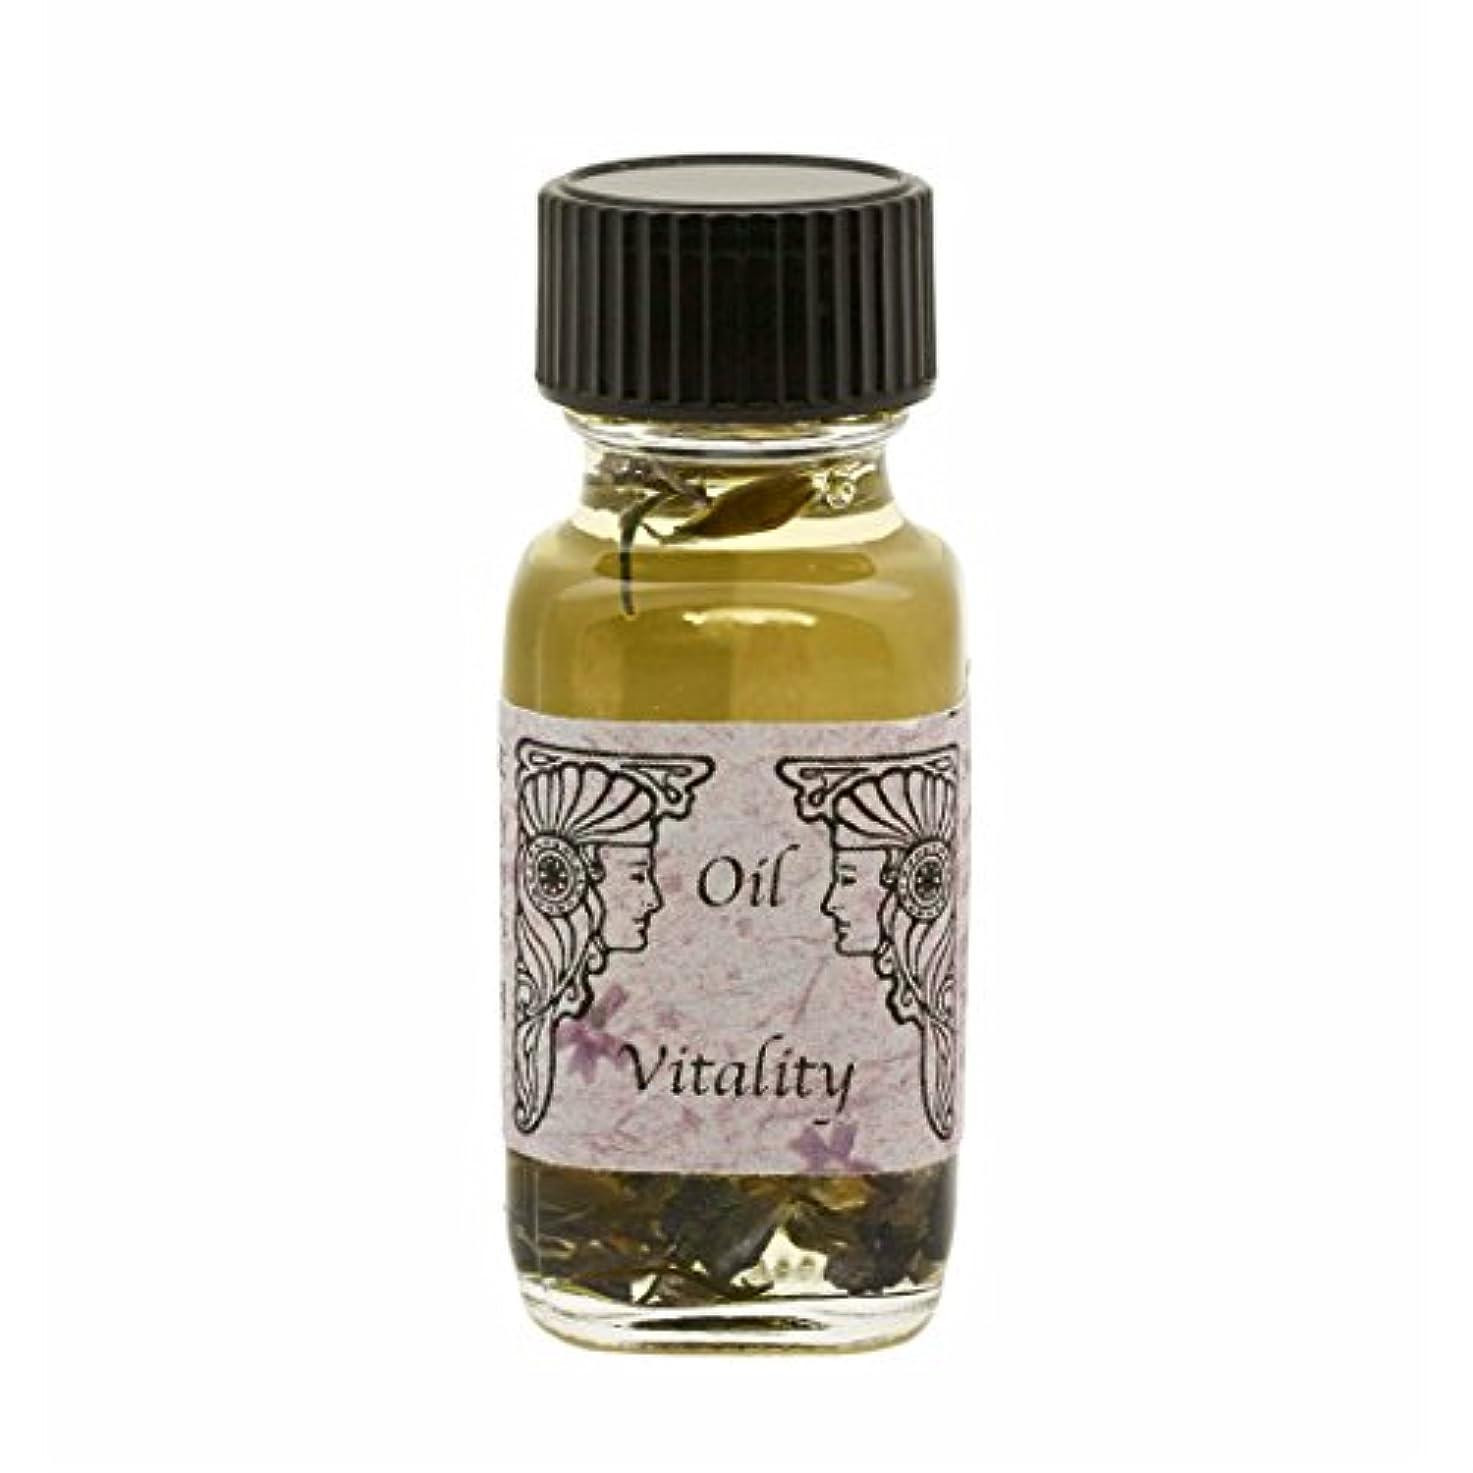 幻想非アクティブ影のあるアンシェントメモリーオイル バイタリティ Vitality 活気 2017年新作 (Ancient Memory Oils)